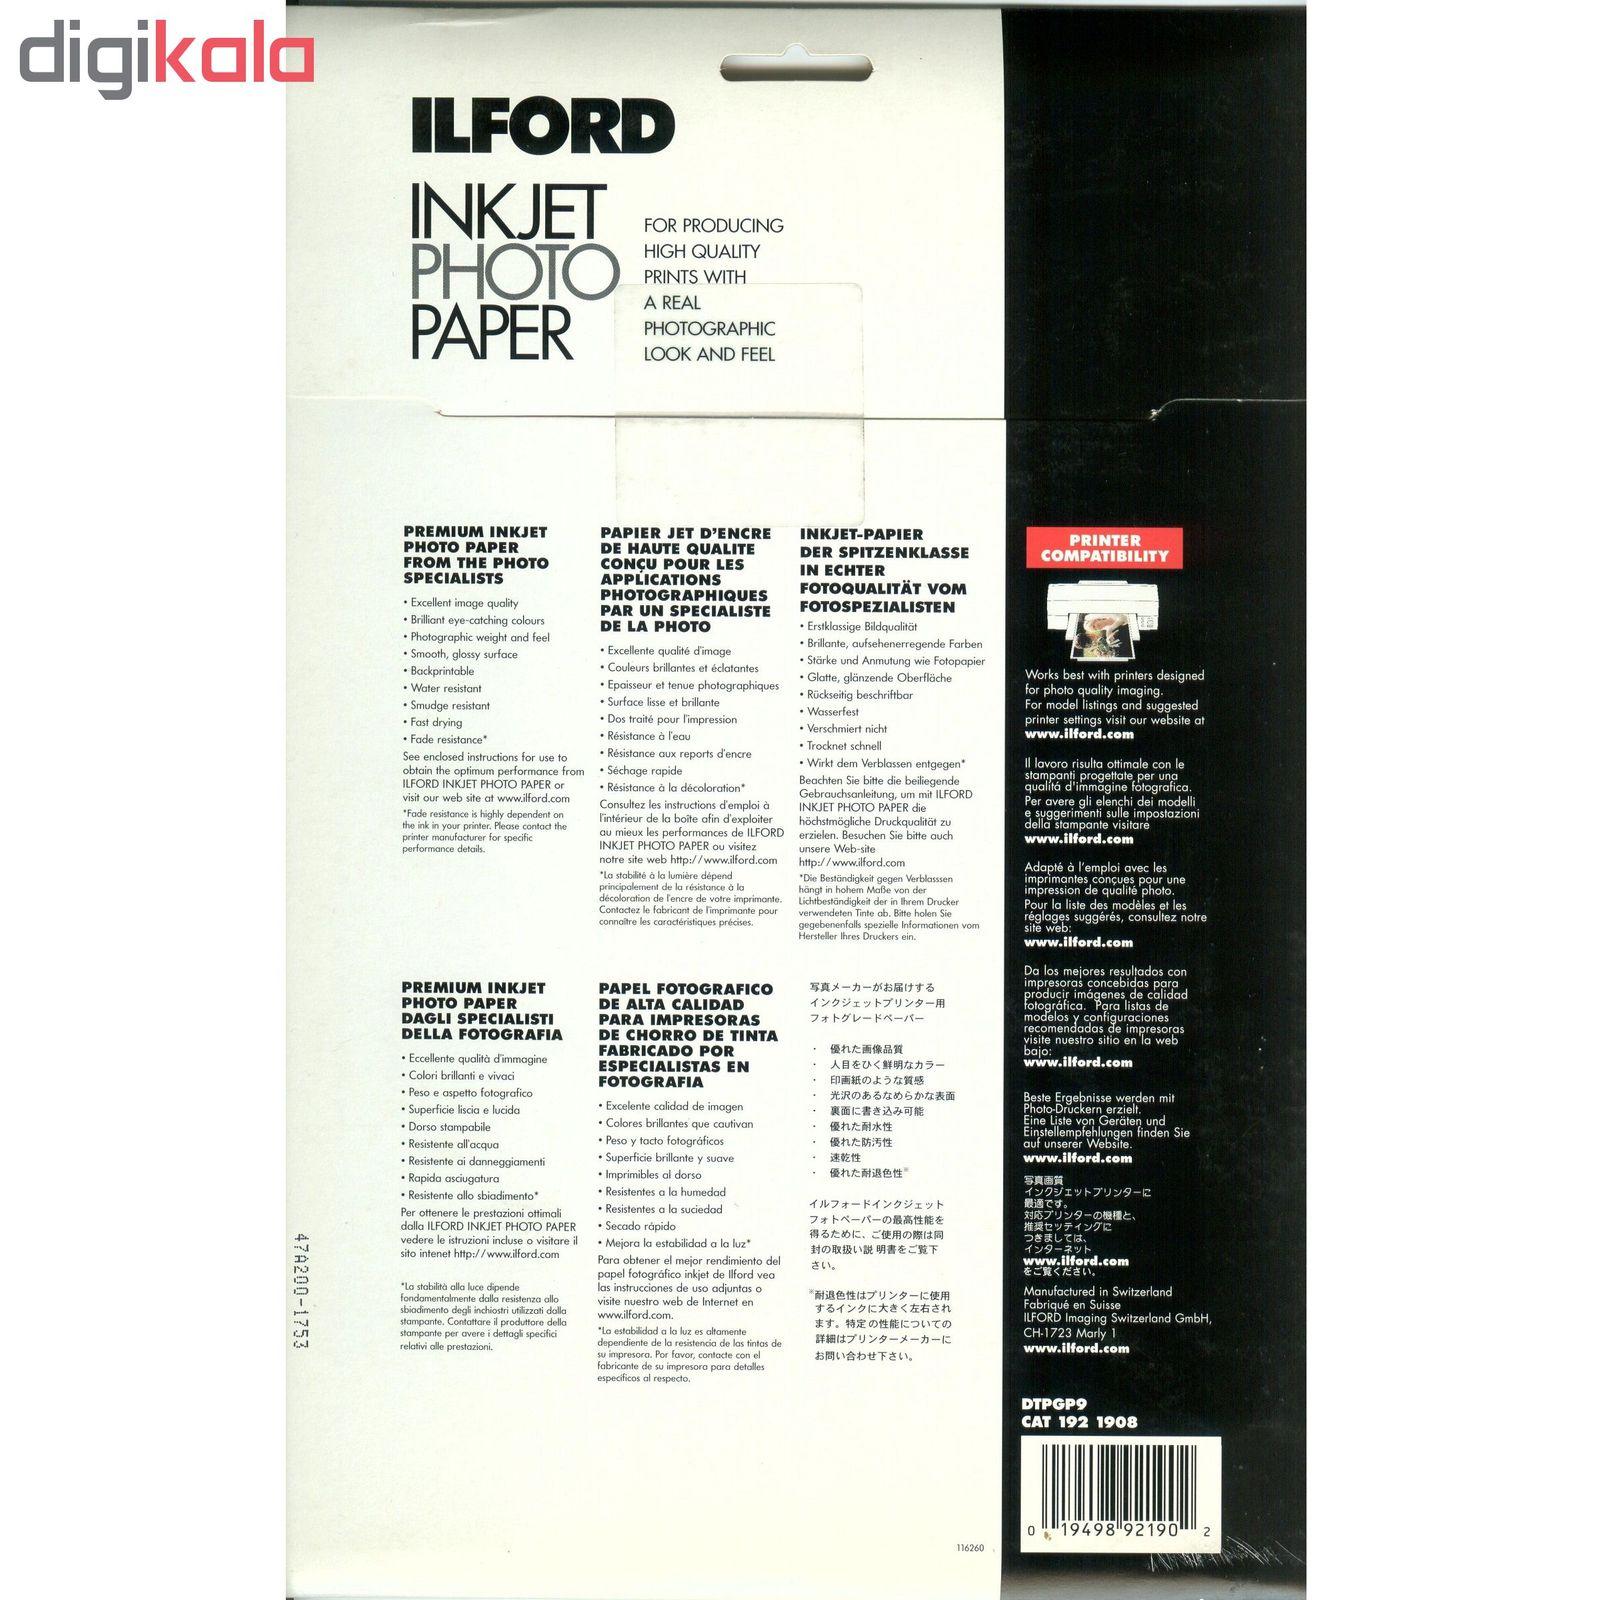 کاغذ چاپ عکس گلاسه ایلفورد مدل 238GSM سایز A4 بسته 15 عددی main 1 1